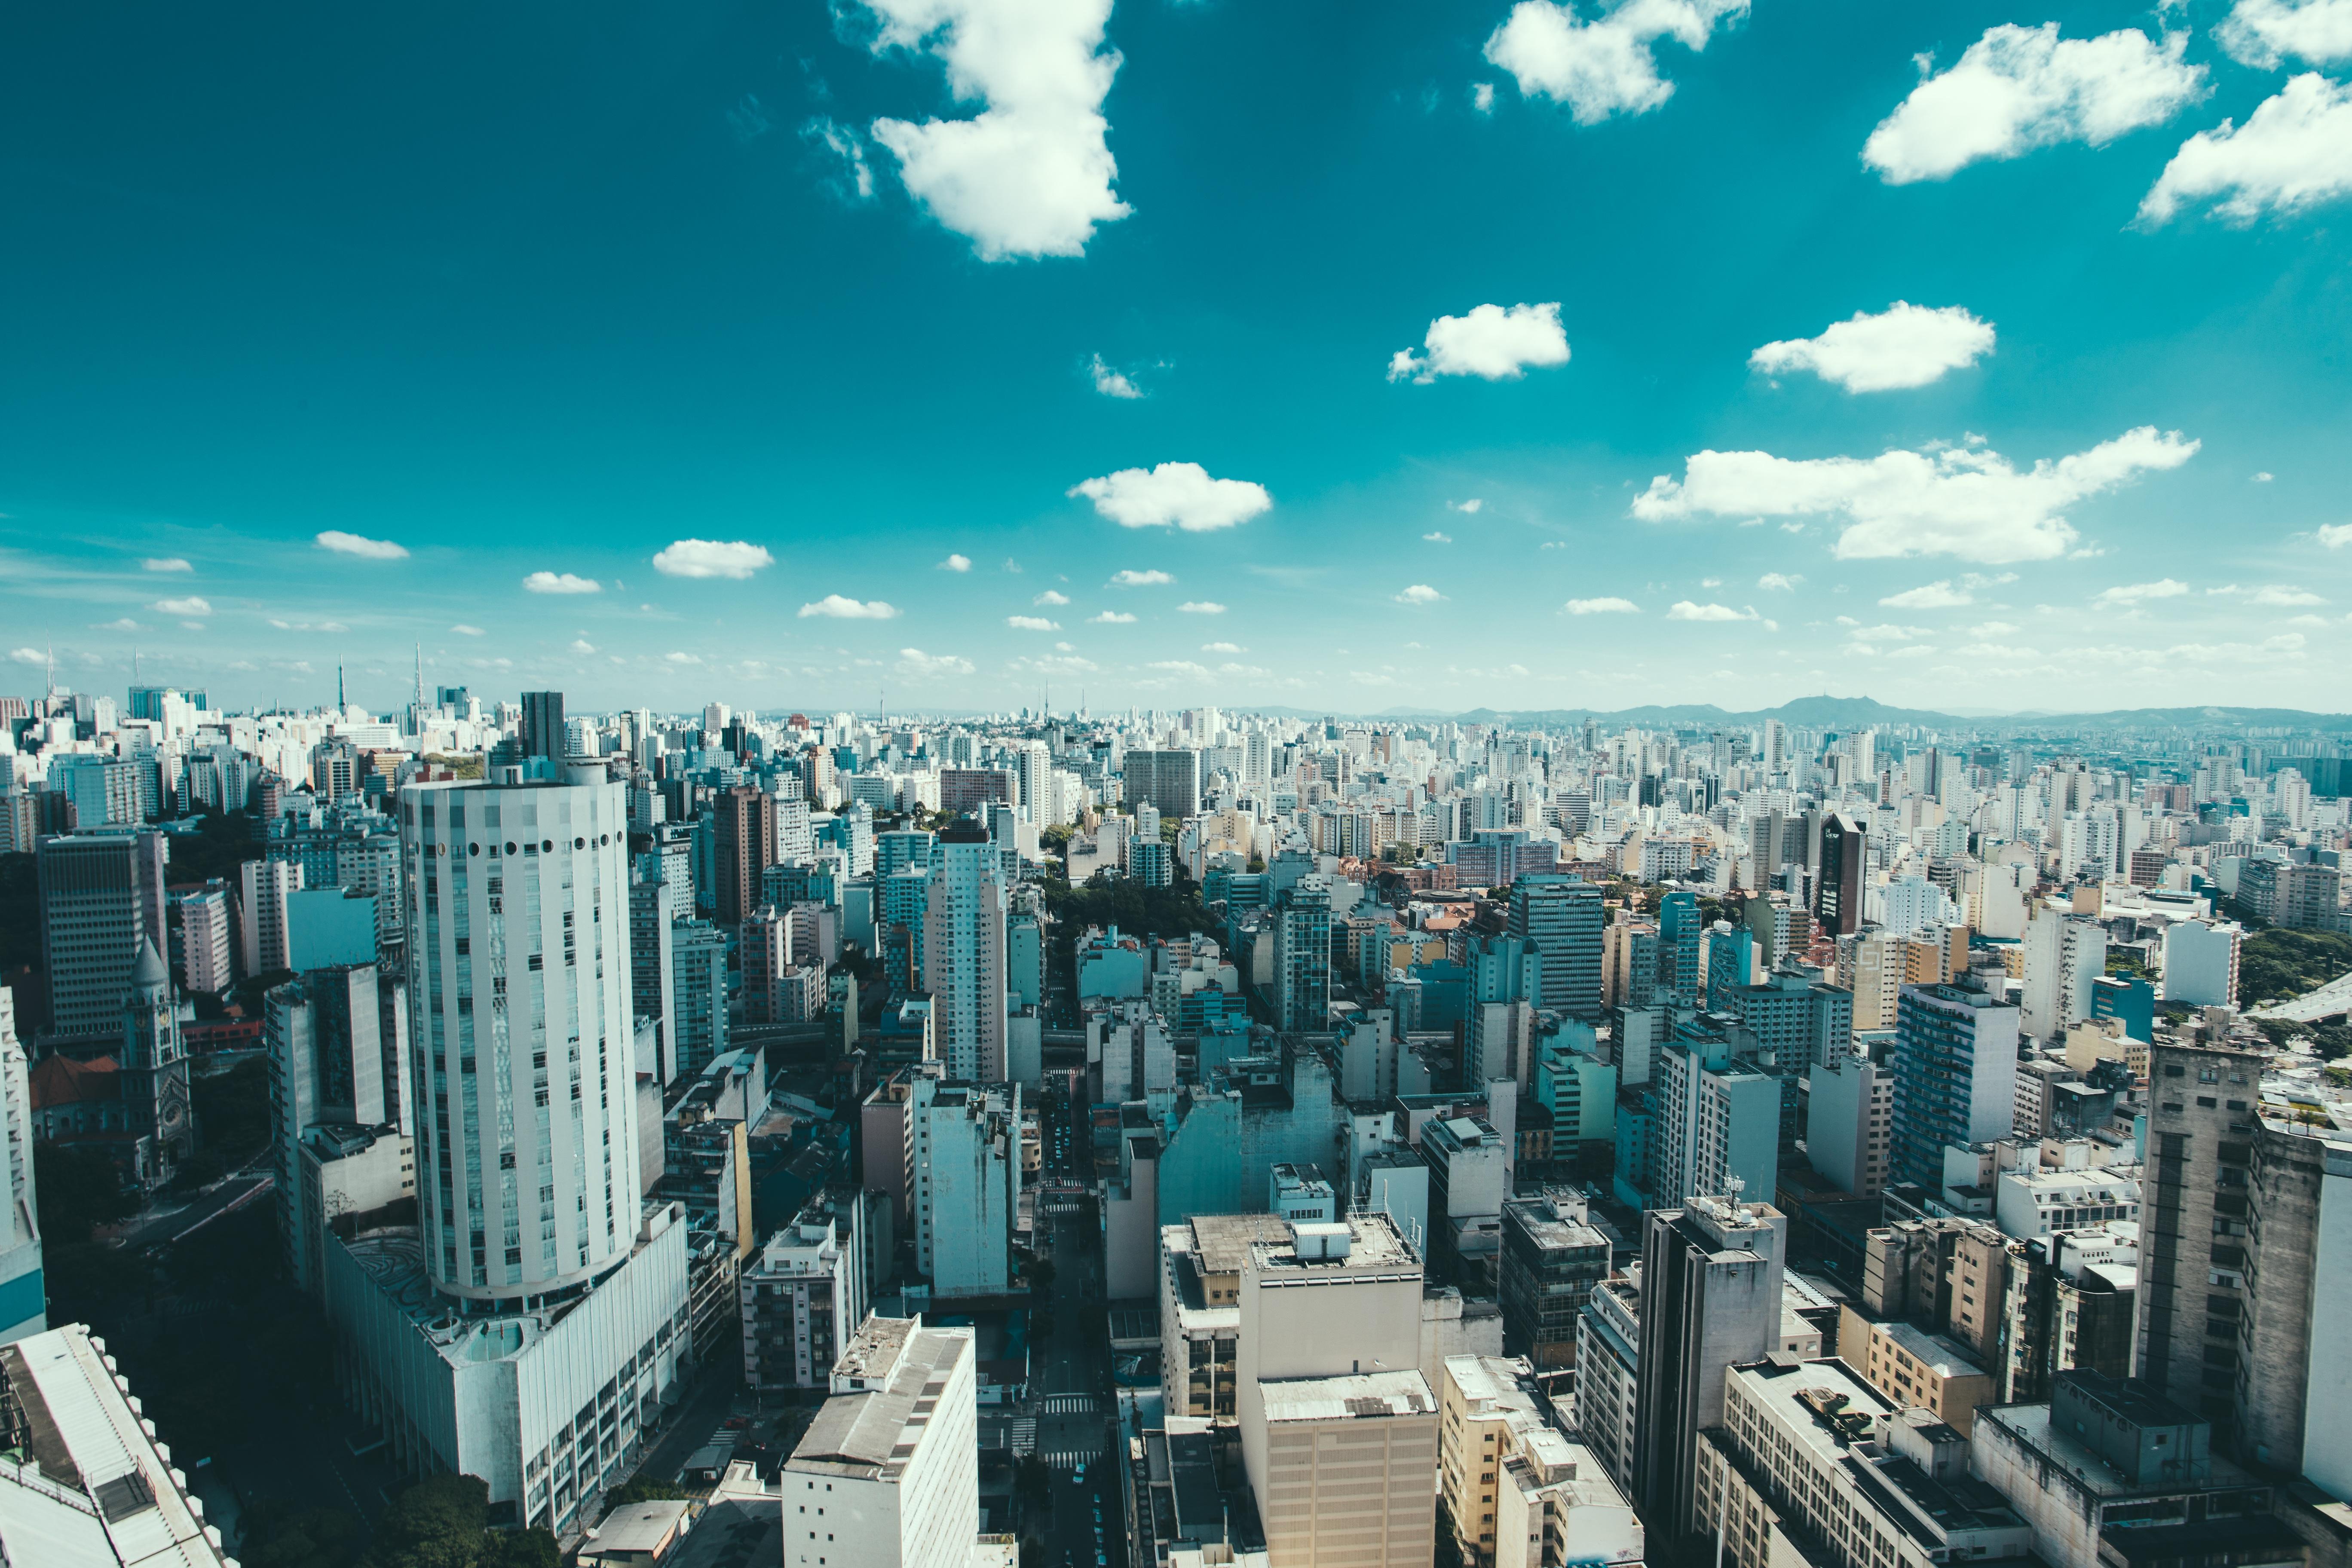 Rubinéia - São Paulo